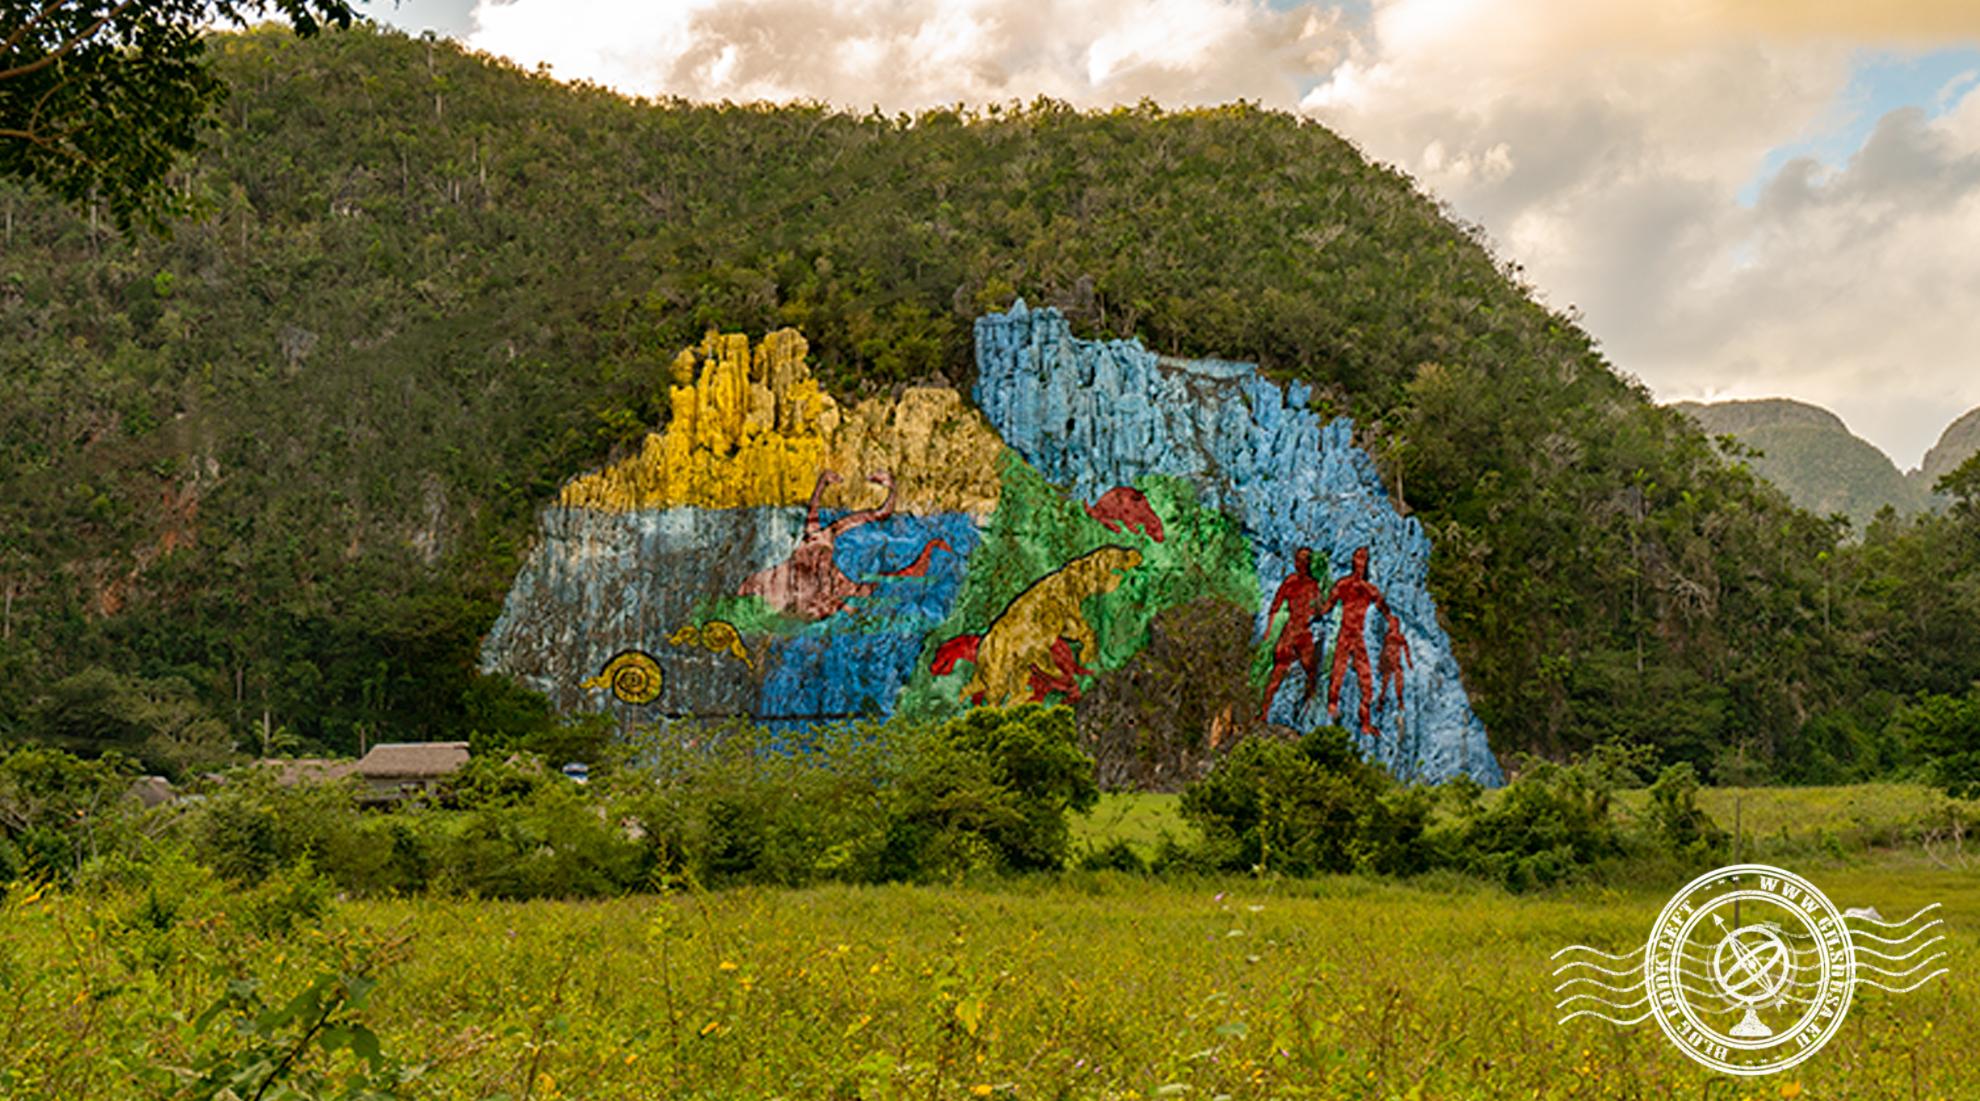 Muro da Pré-histórica